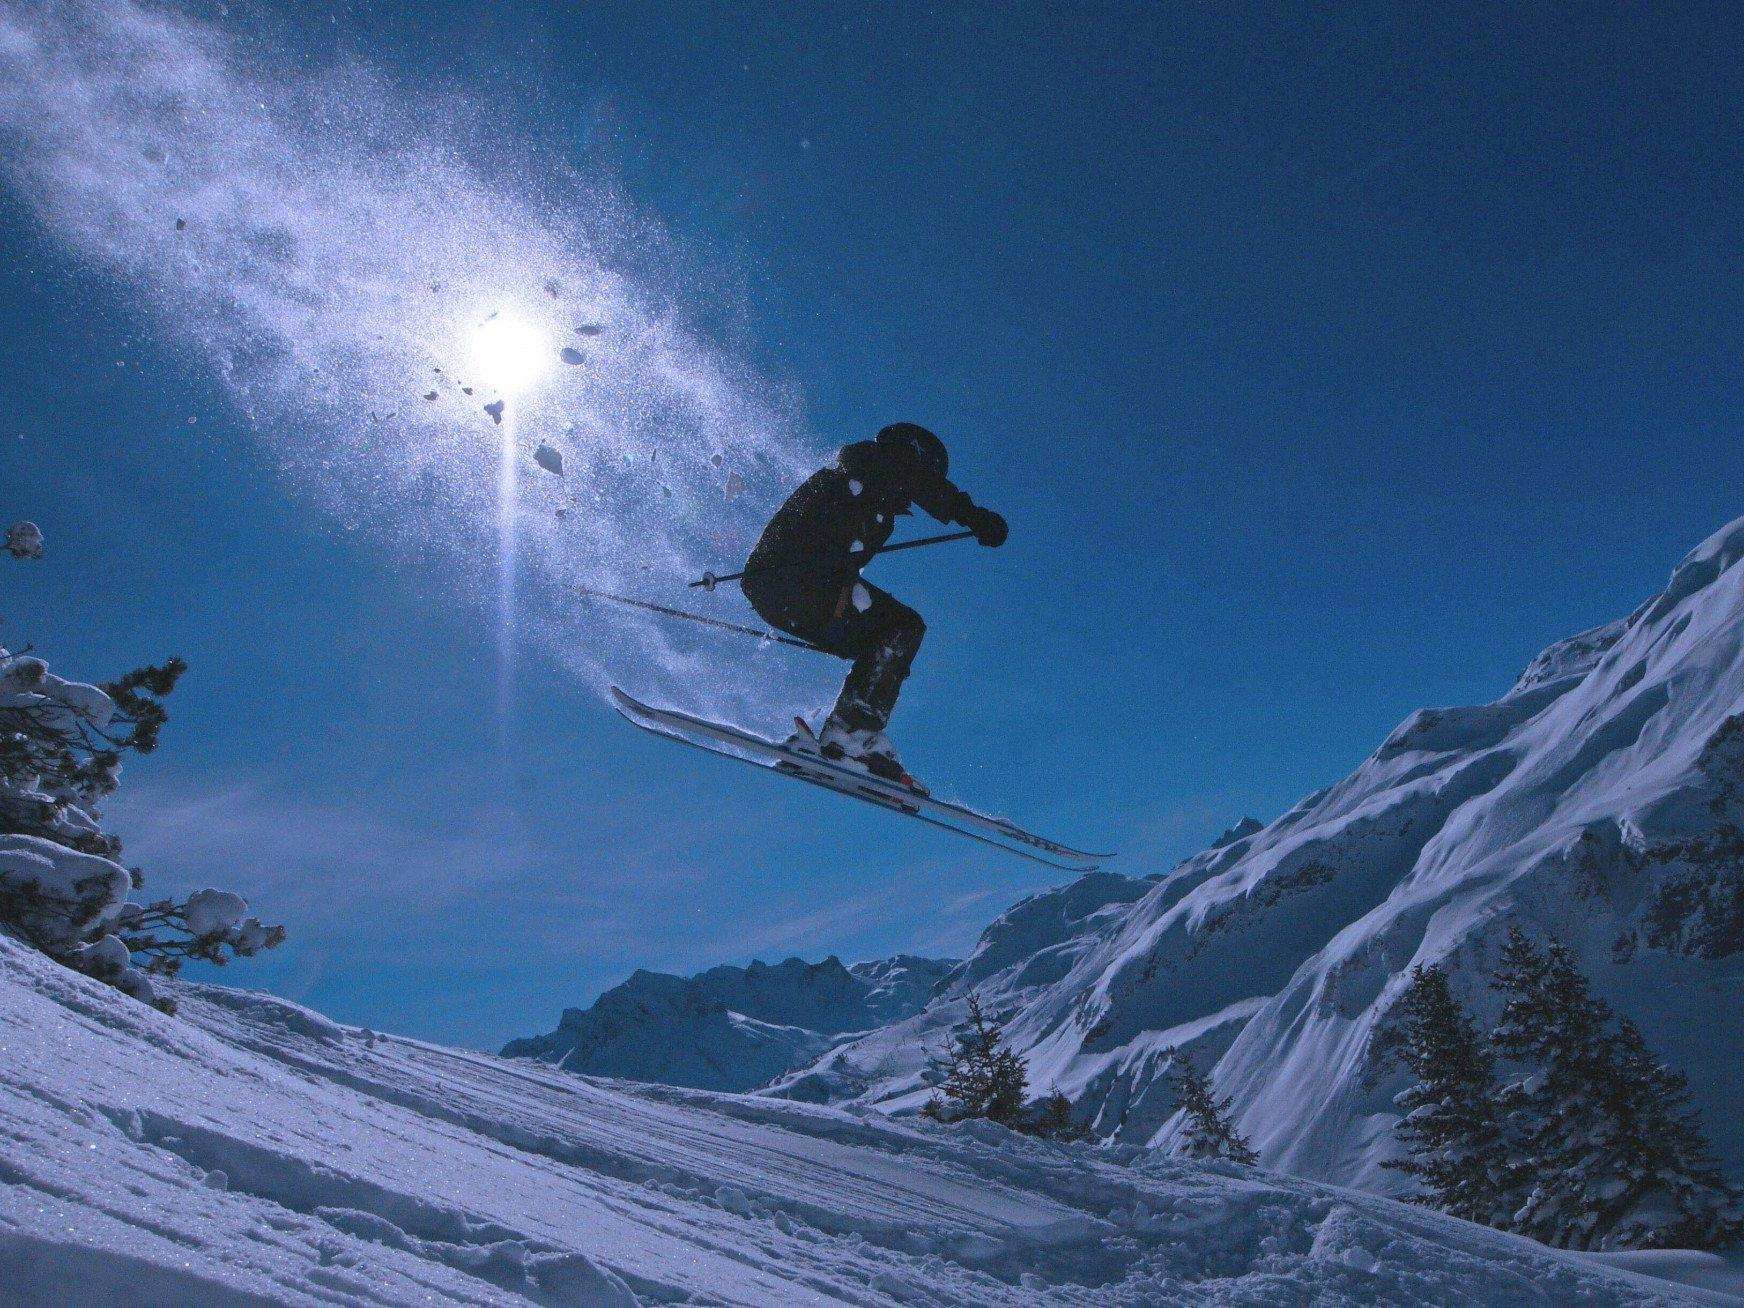 Die Skikarten in Tirol und Salzburg sind beliebt.